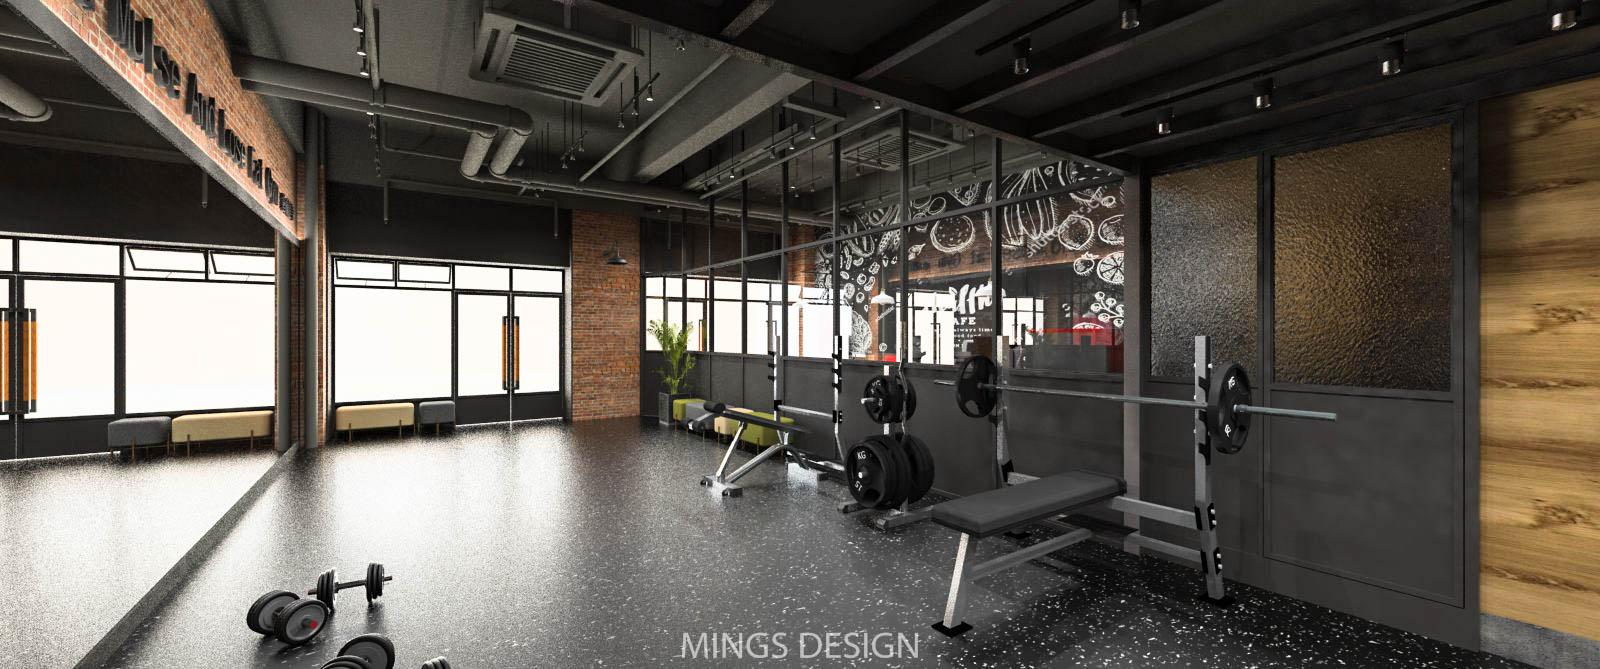 增减健身机构,苏州吴中区万达,健身房设计,健身餐厅设计,上海健身房设计,上海健身餐厅设计,上海健身设计,上海健身机构设计,苏州健身机构设计